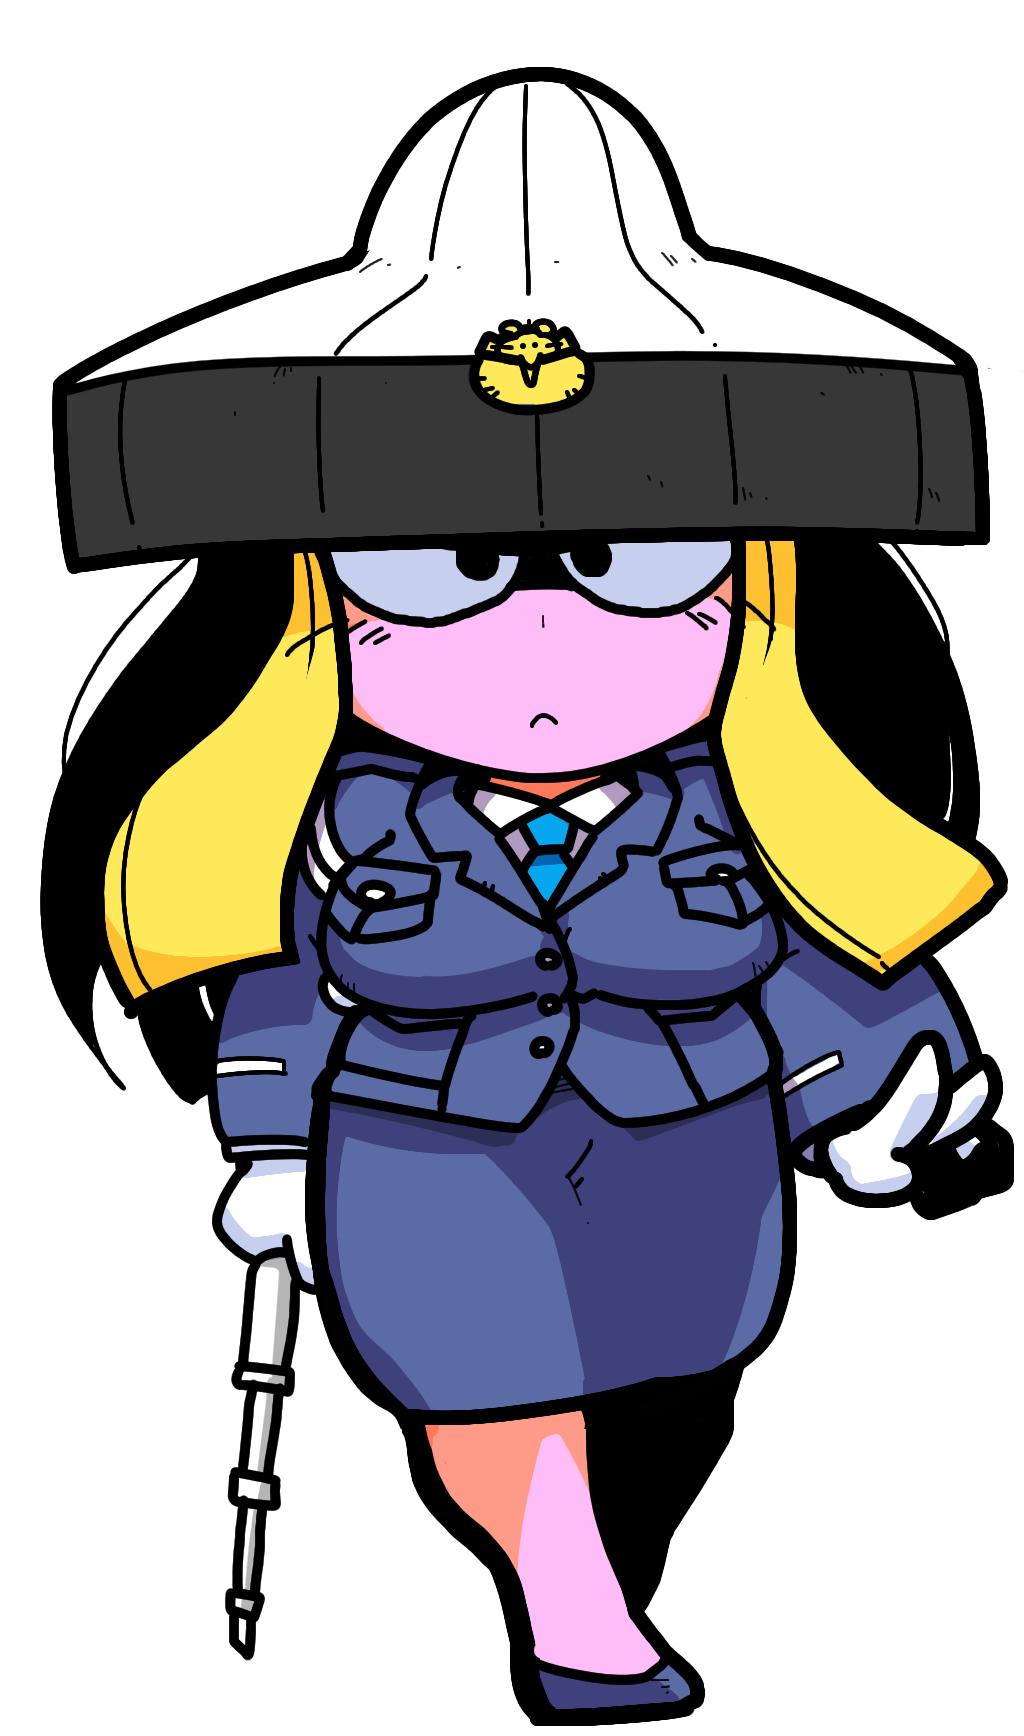 仙狸 Senri Shin Megami Tensei Fairies 妖精 mountain cat Girl police girl